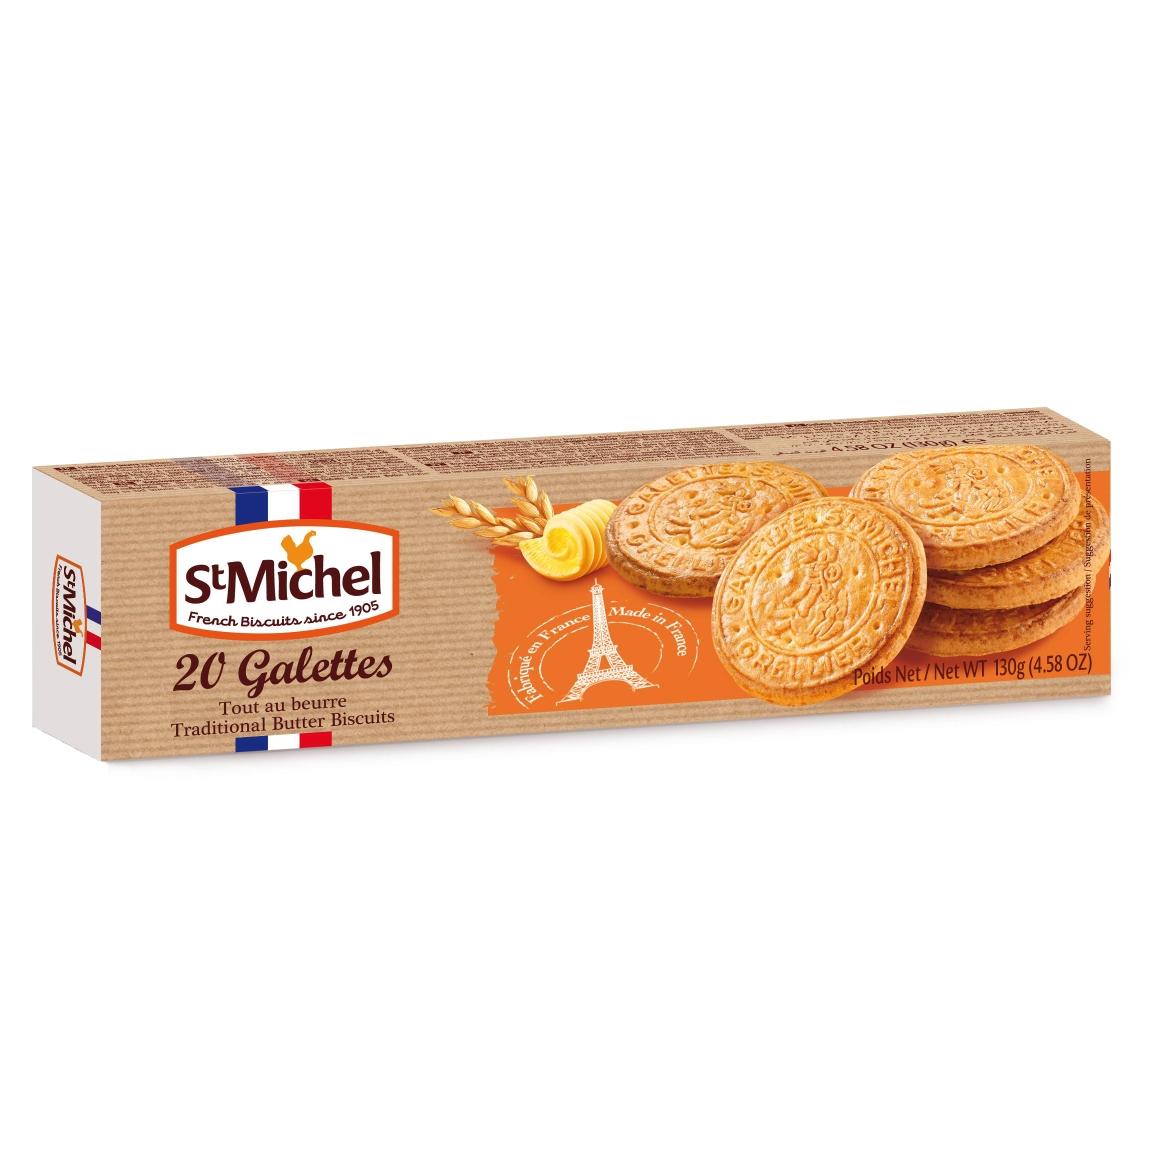 Sviestiniai sausainiai tradicional galettes ST MICHEL, 130g